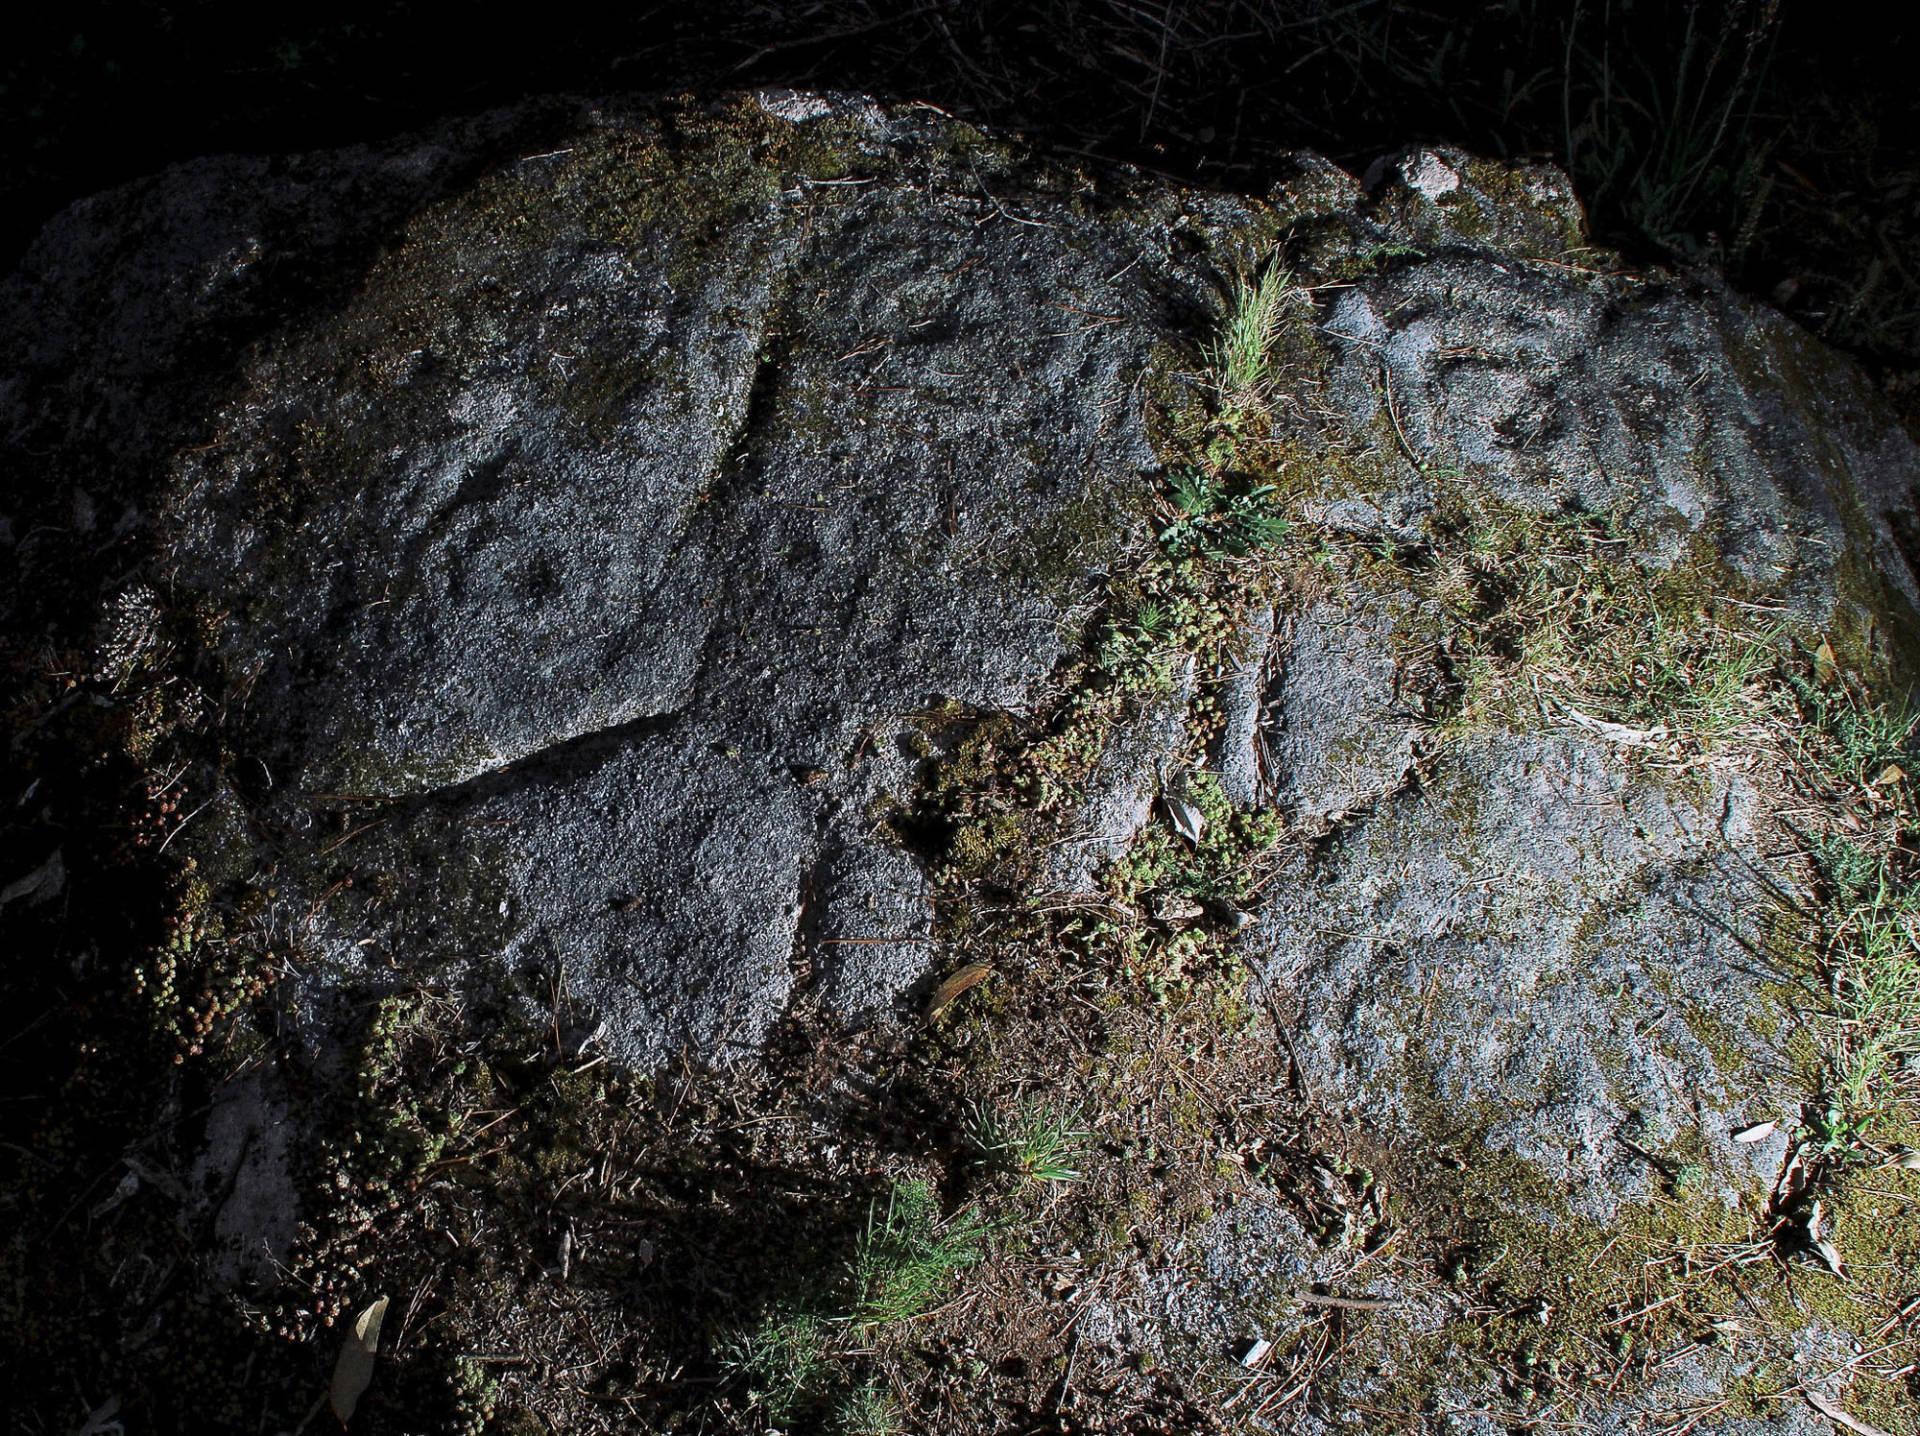 Vista xeral de motivos xeométricos en Oca.©Colectivo a Rula